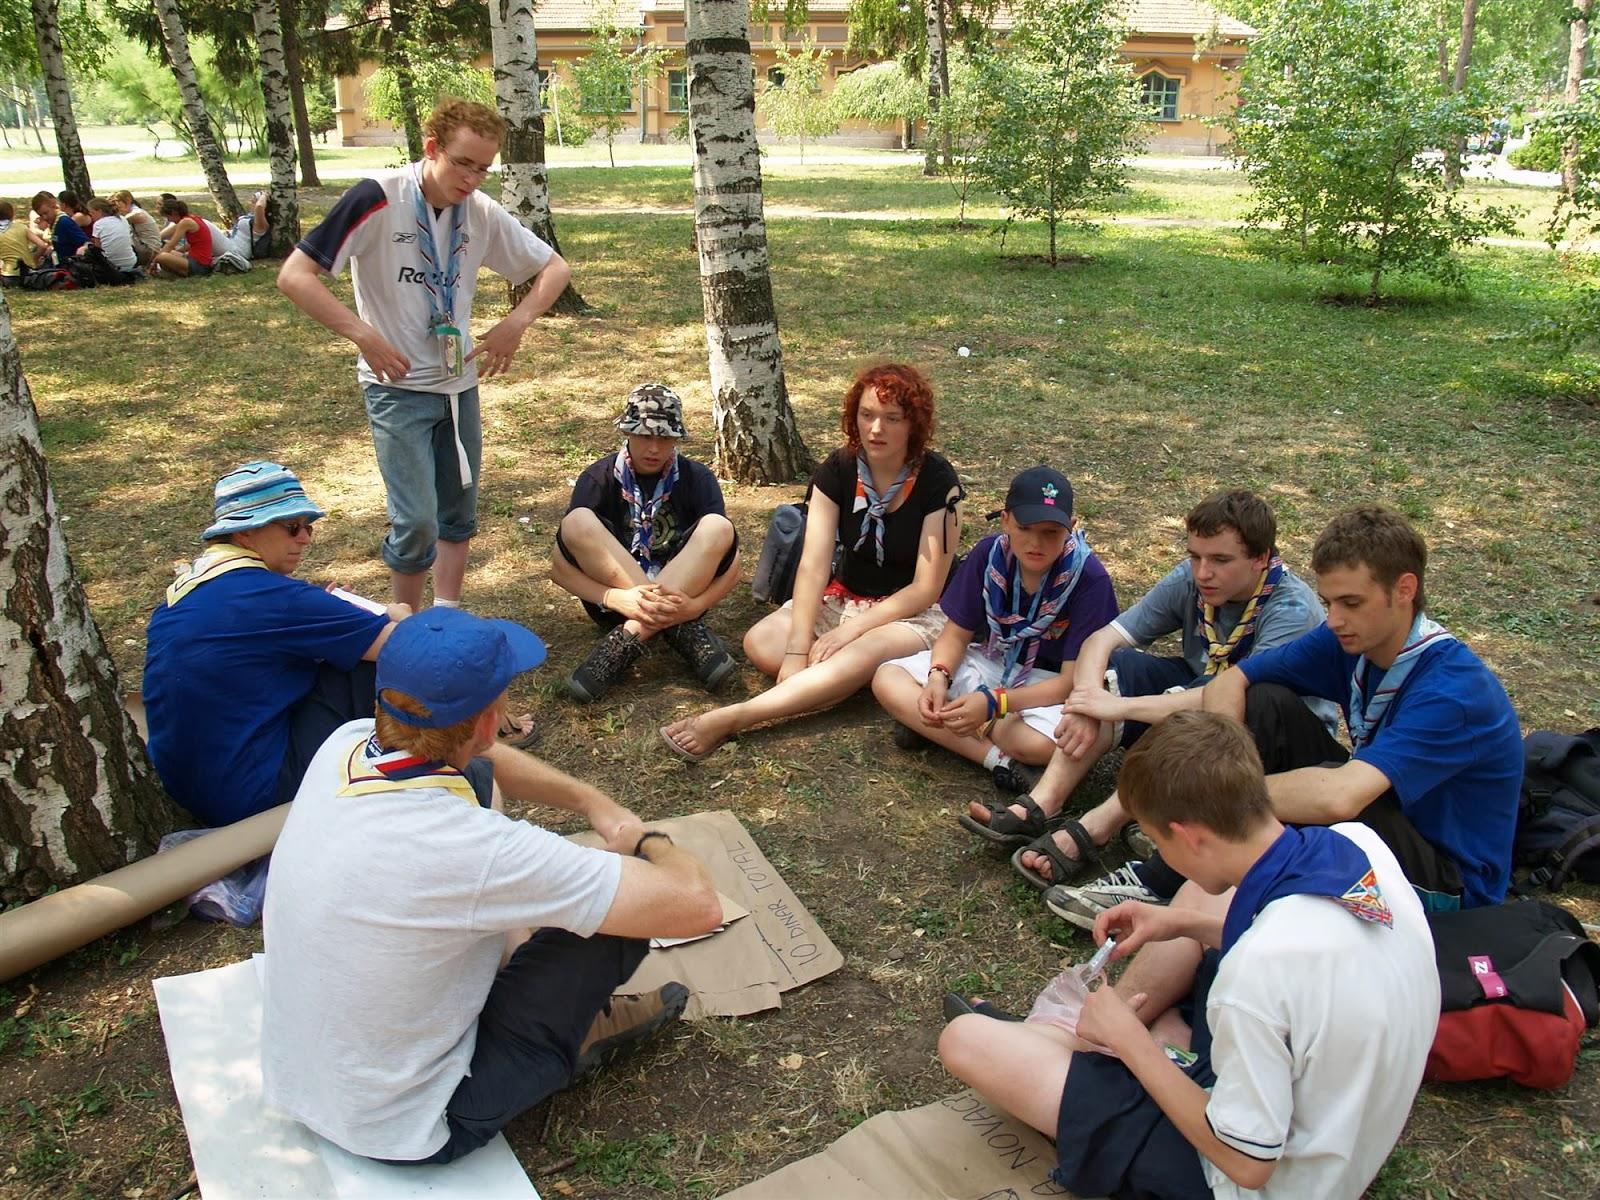 Smotra, Smotra 2006 - P0251904.JPG